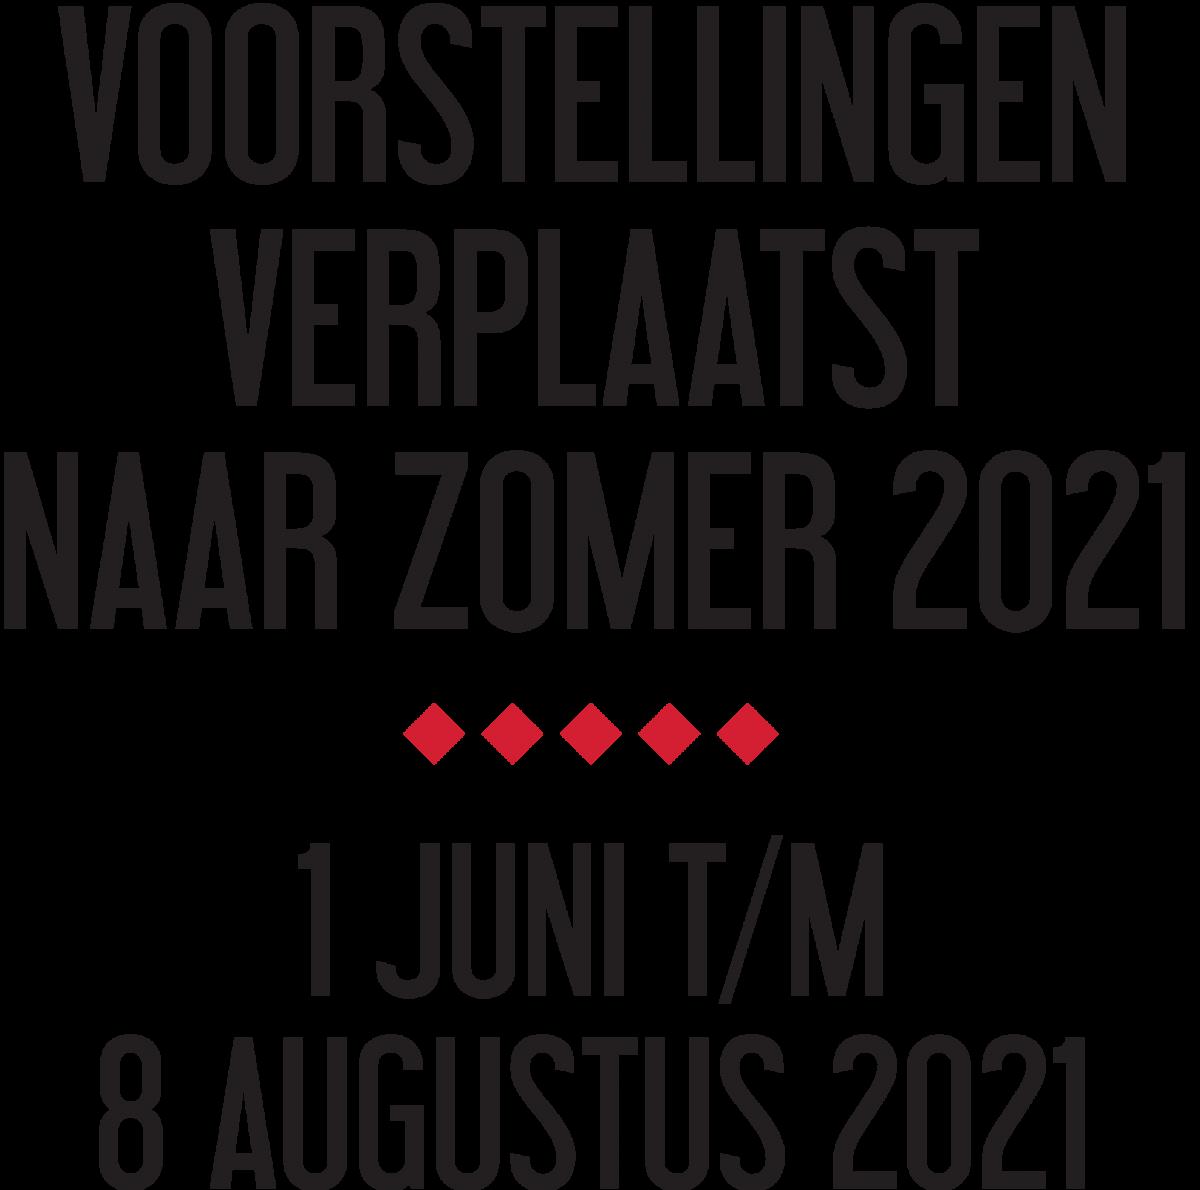 voorstellingen verplaatst naar zomer 2021